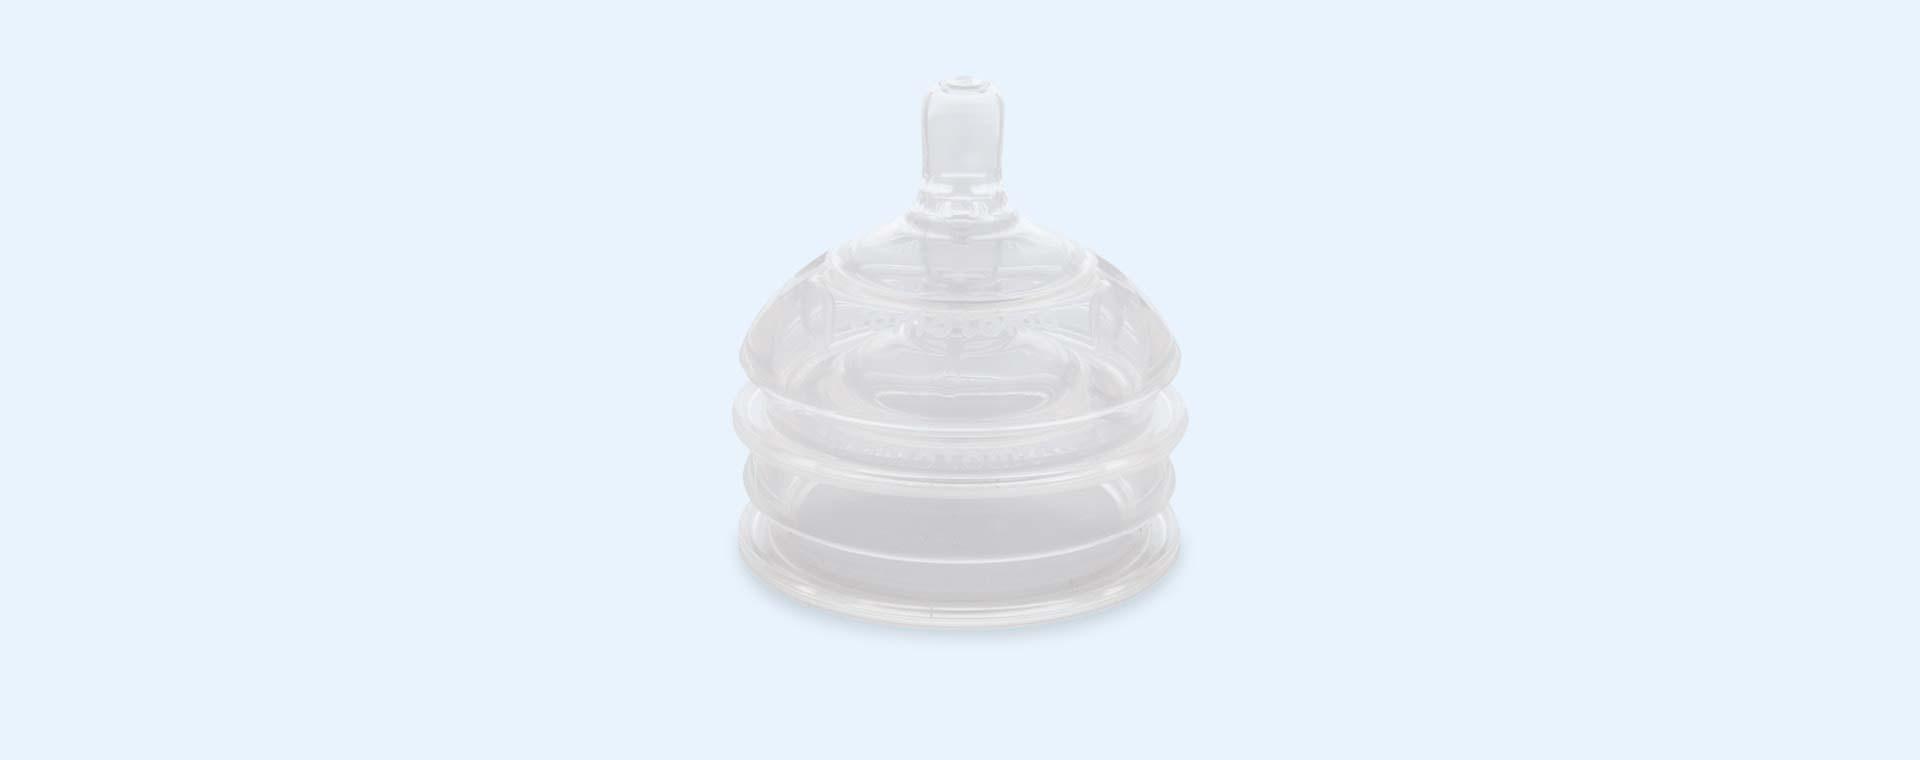 Green Como Tomo Baby Bottles 5oz 2 Pack Free Shipping Slow Flow